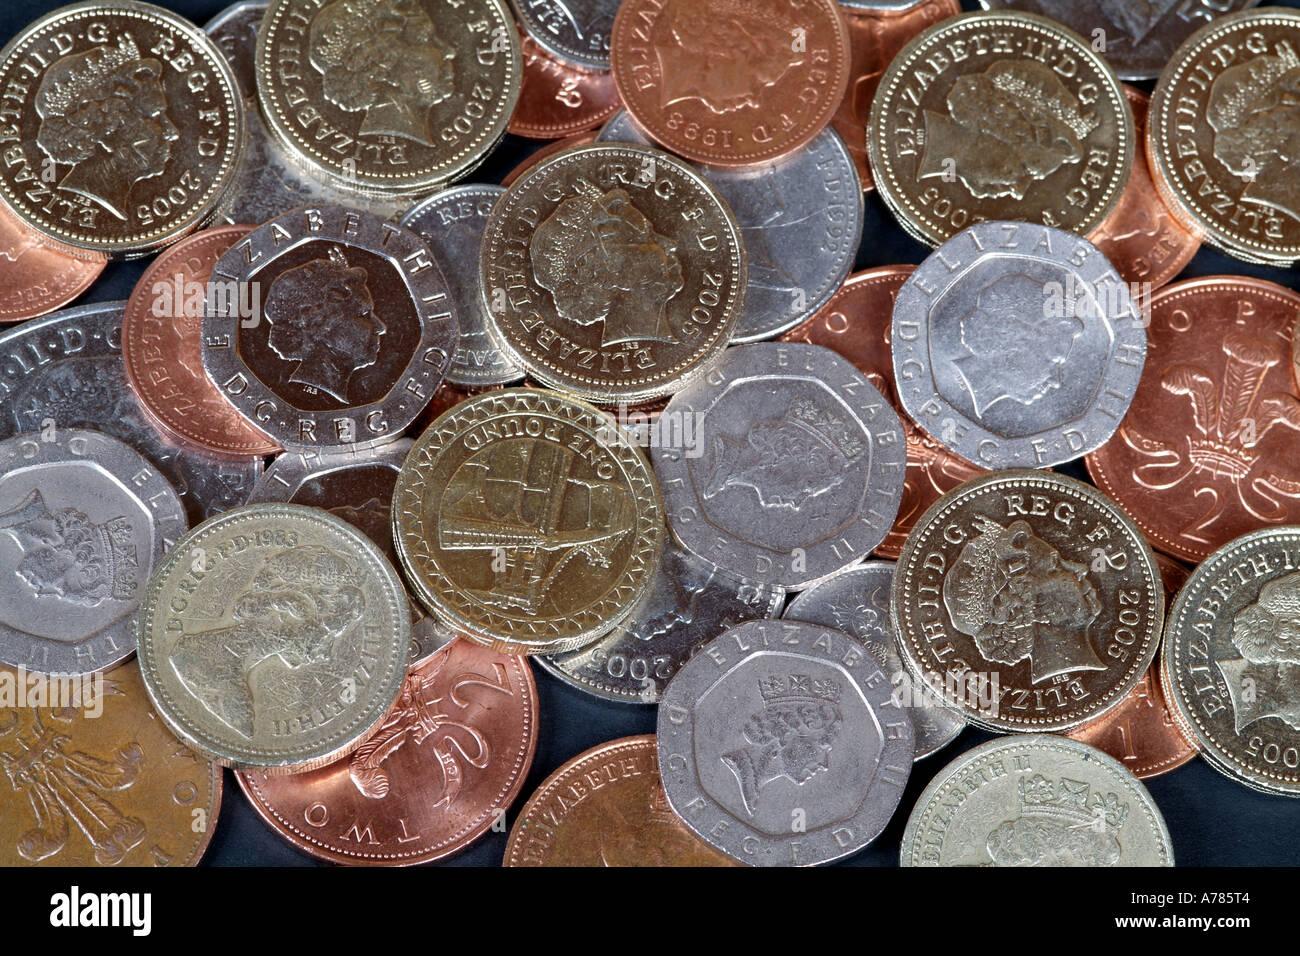 Englische Währung Pfund Sterling Münzen Kupfer Silberlinge Prägung